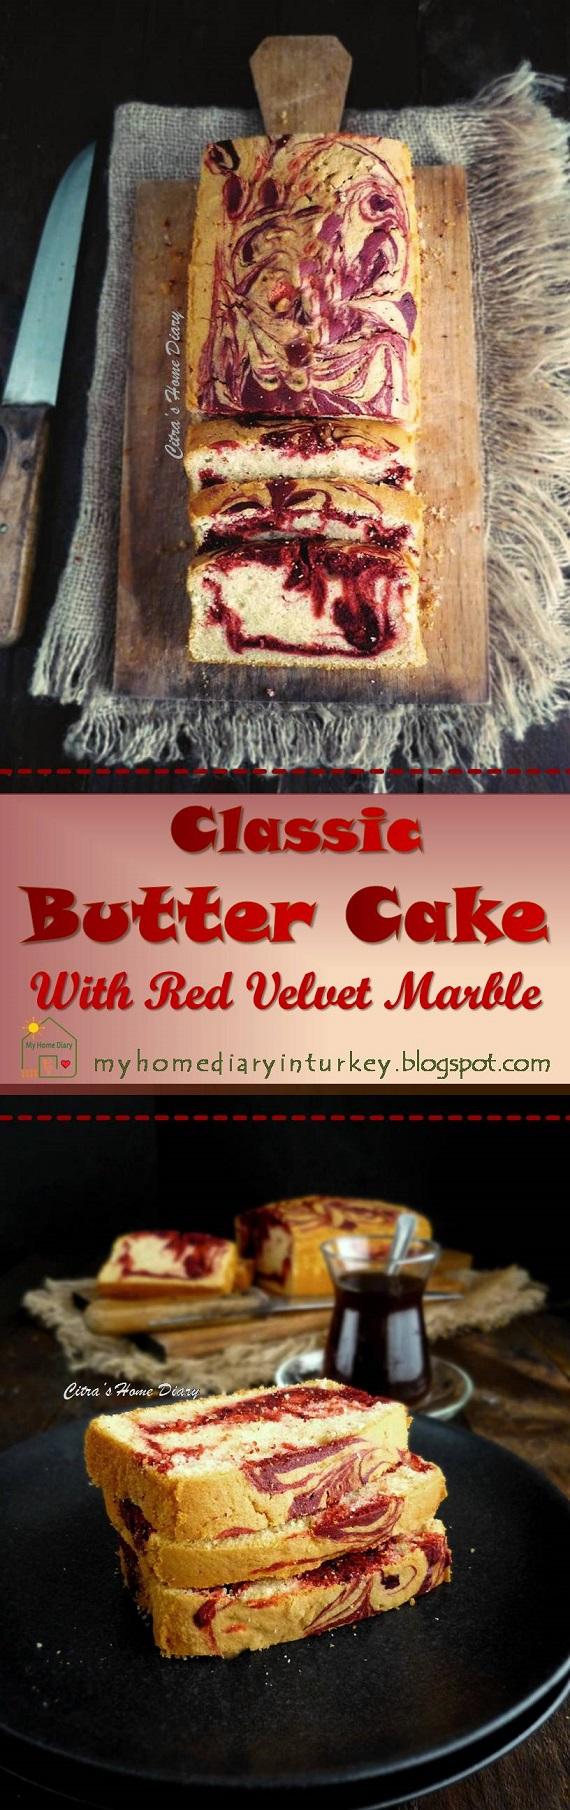 Red Velvet Marble Butter Cake. #redvelvet #marblecake #buttercake #cakerecipe